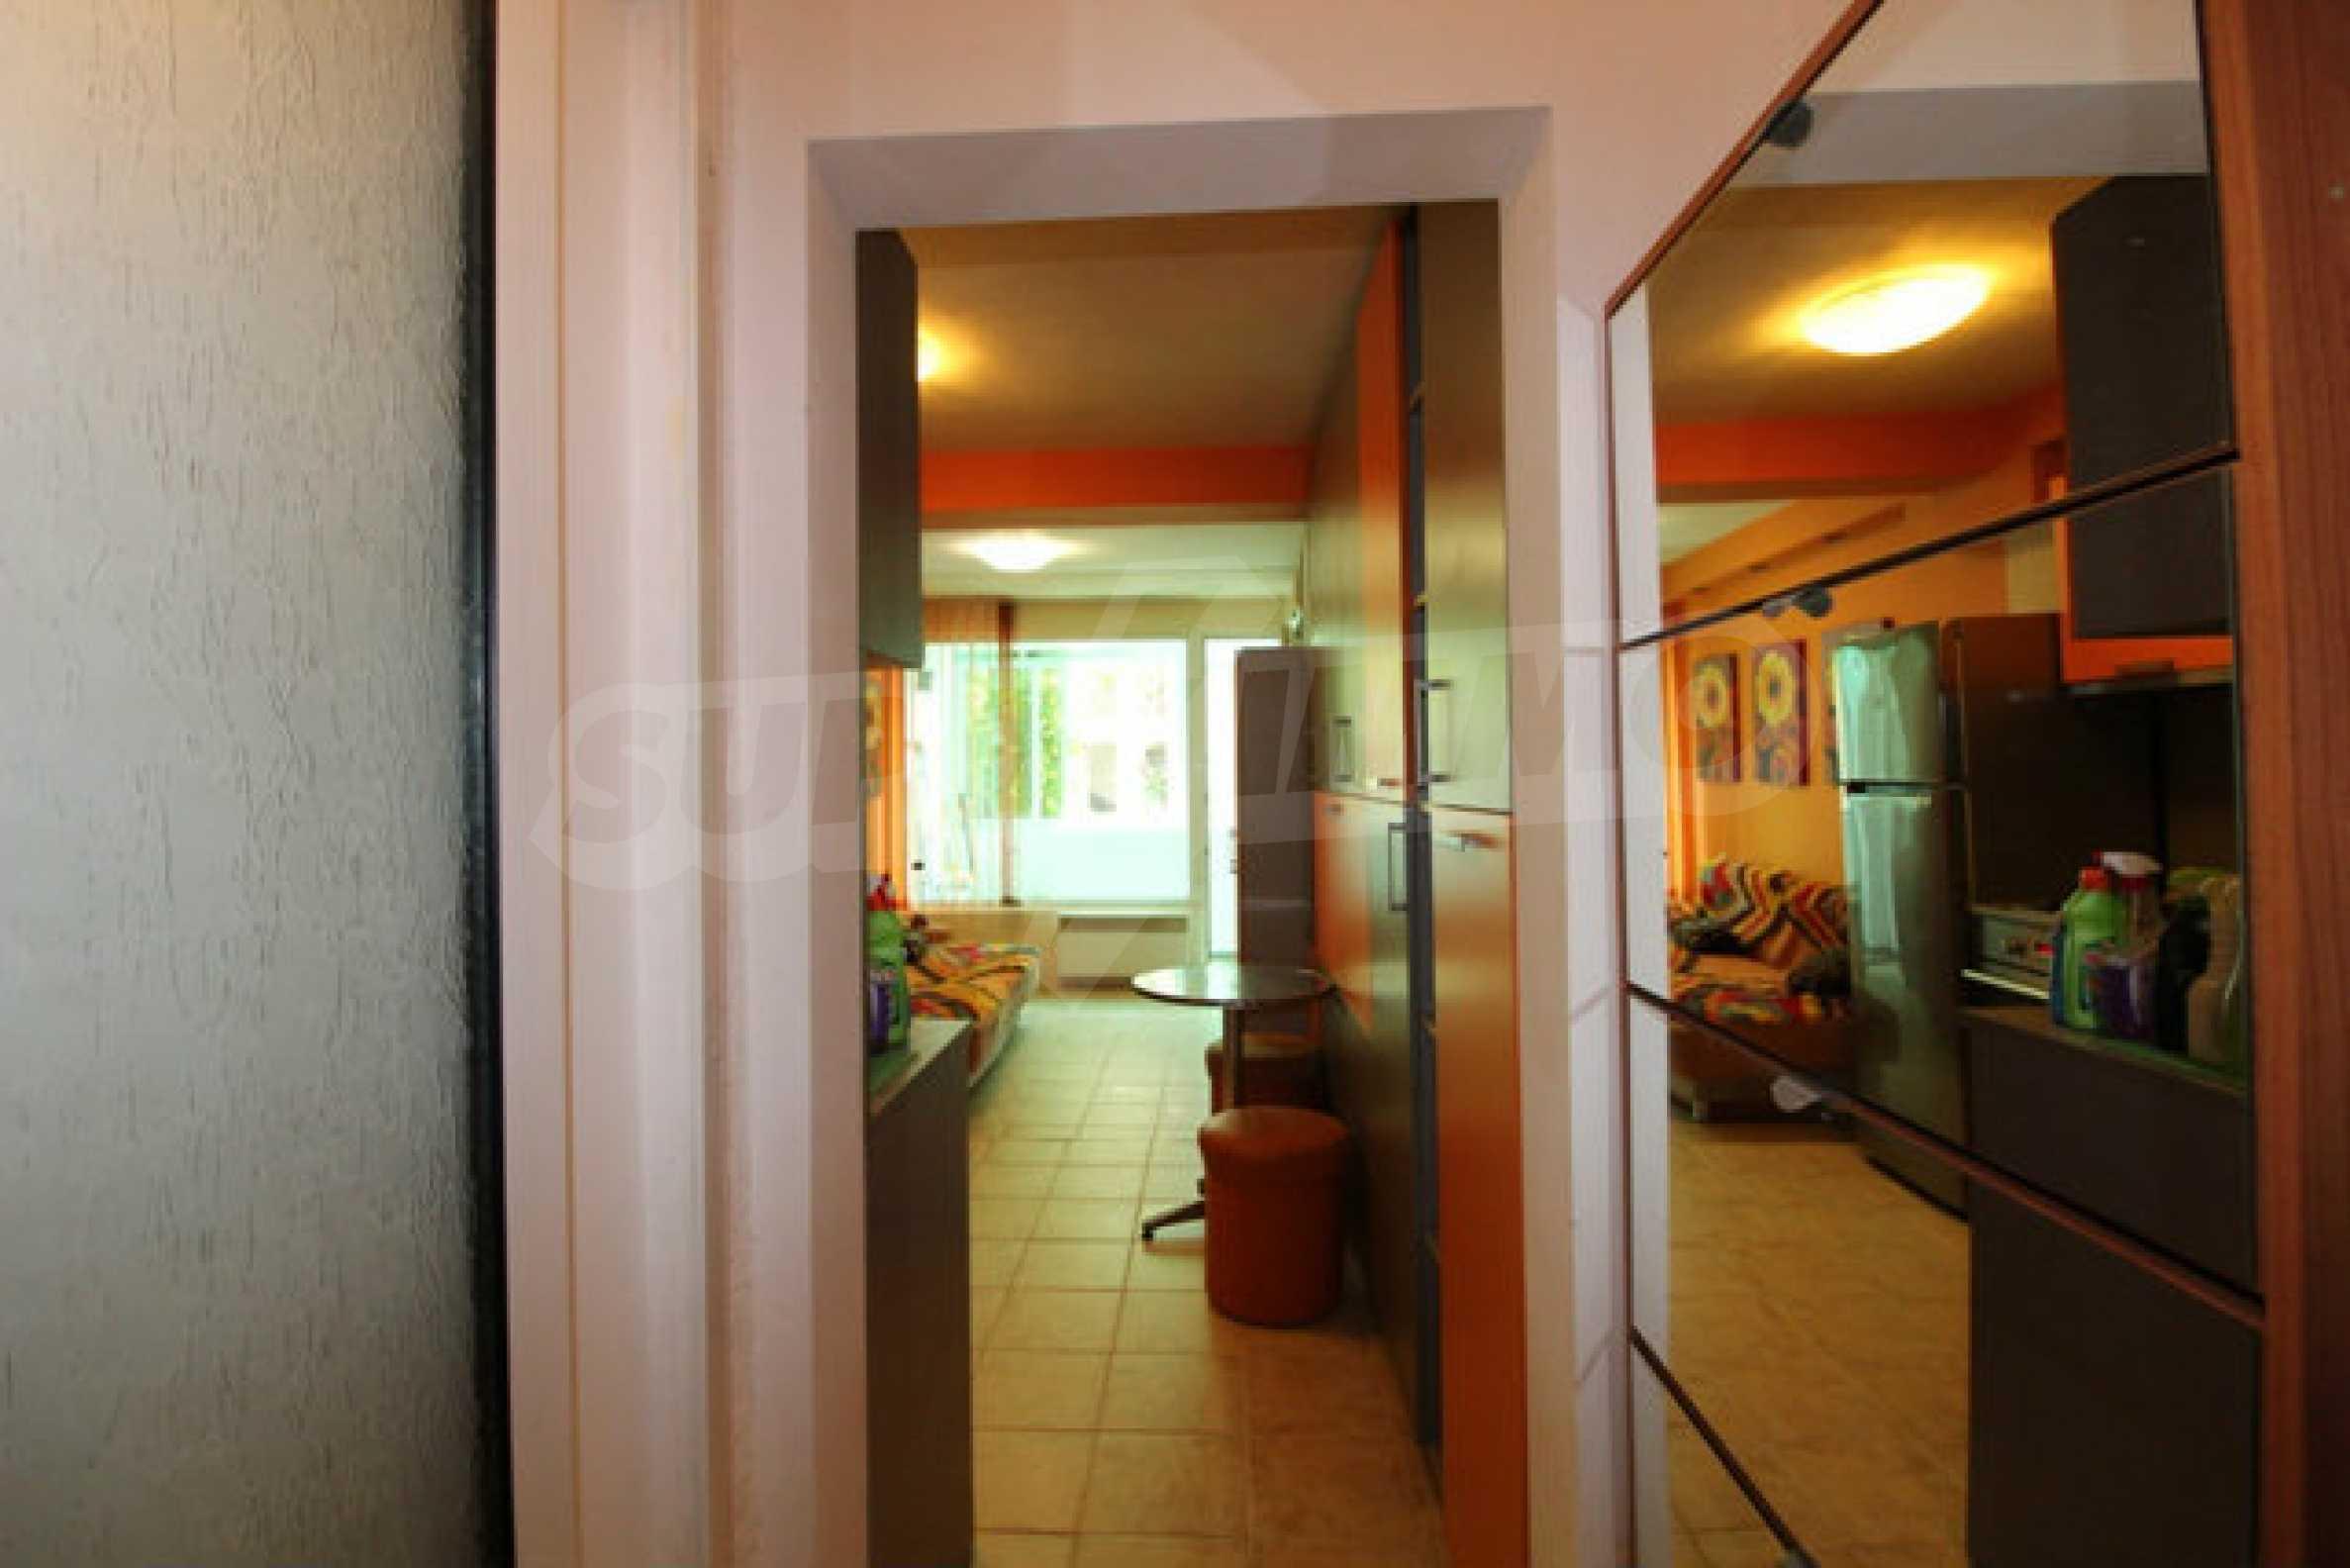 Бутиково обзаведено студио в центъра на Велико Търново  16